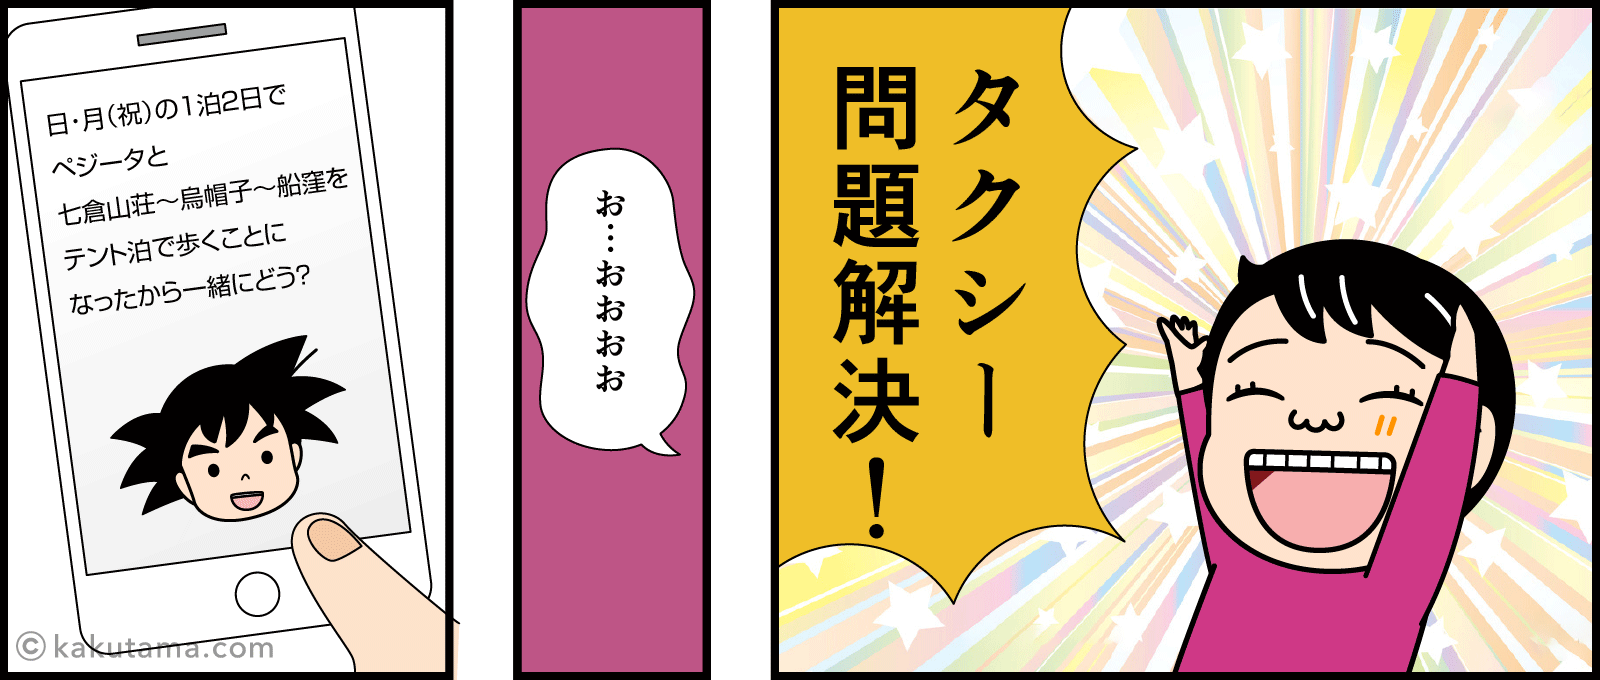 七倉山荘から高瀬ダムまでのタクシー問題が解決した漫画